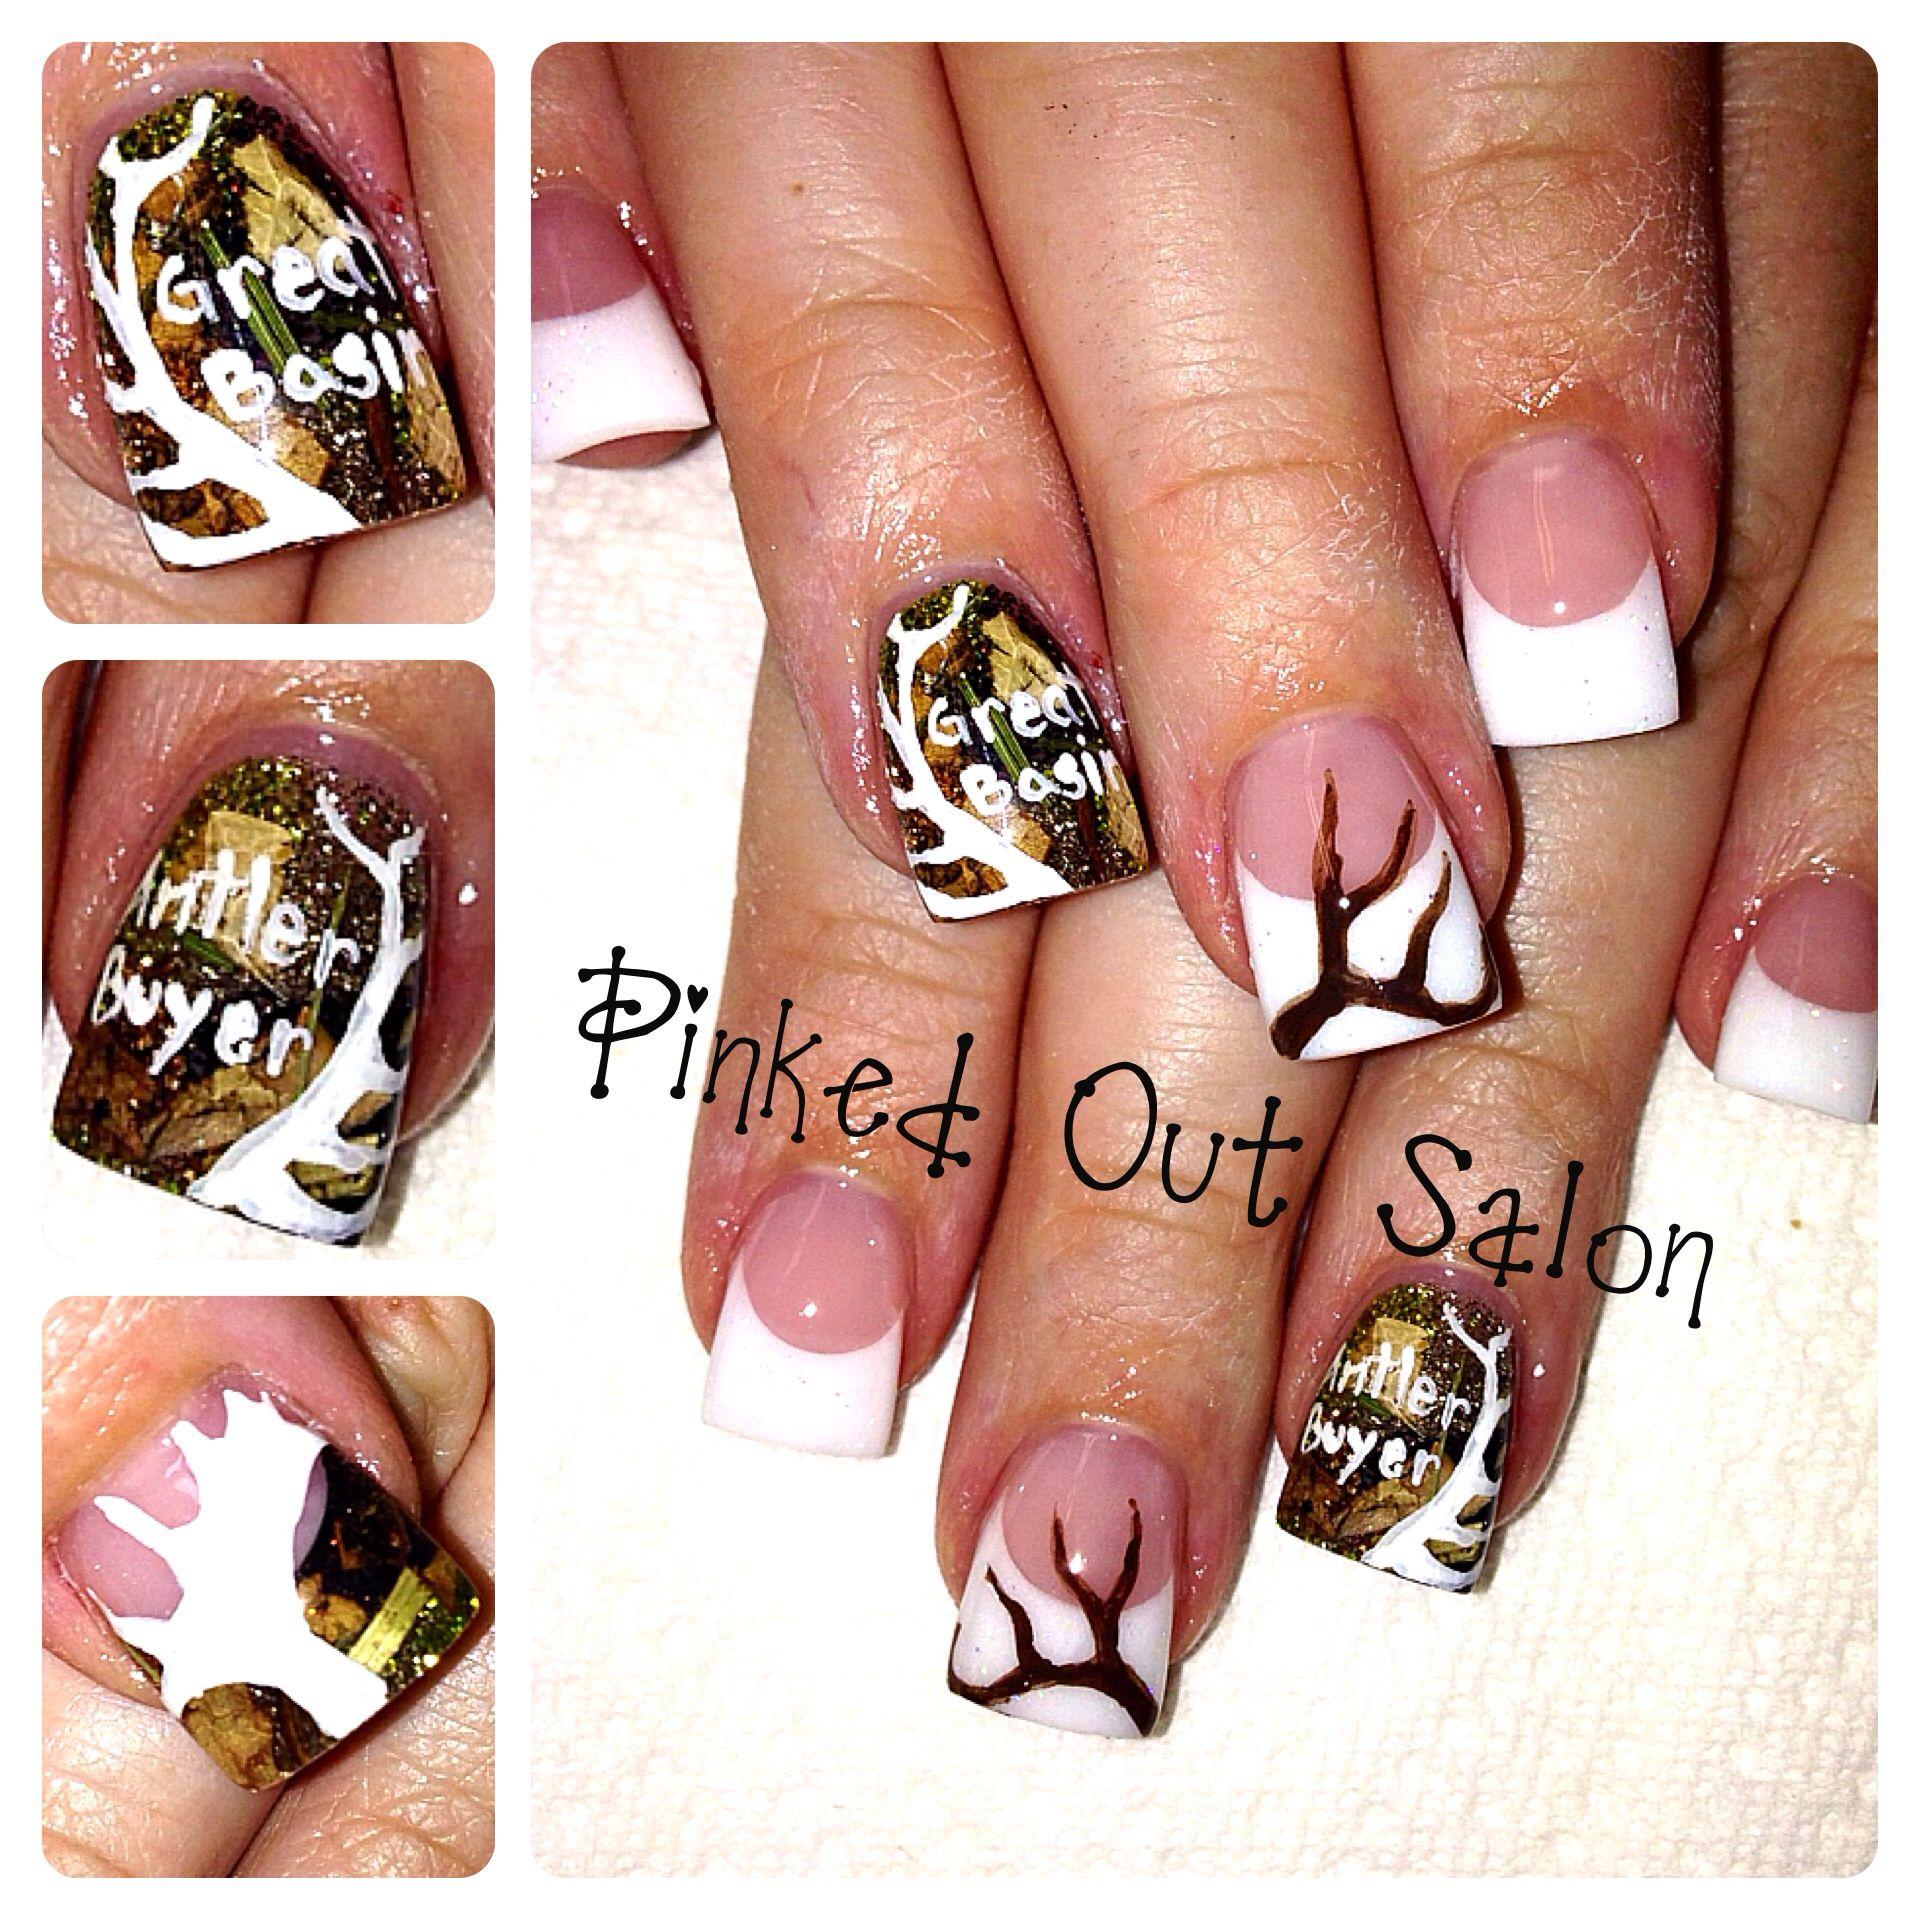 Pin By Andrea Losee On Hunting Camo Nails Camo Nails Country Nails Deer Nails